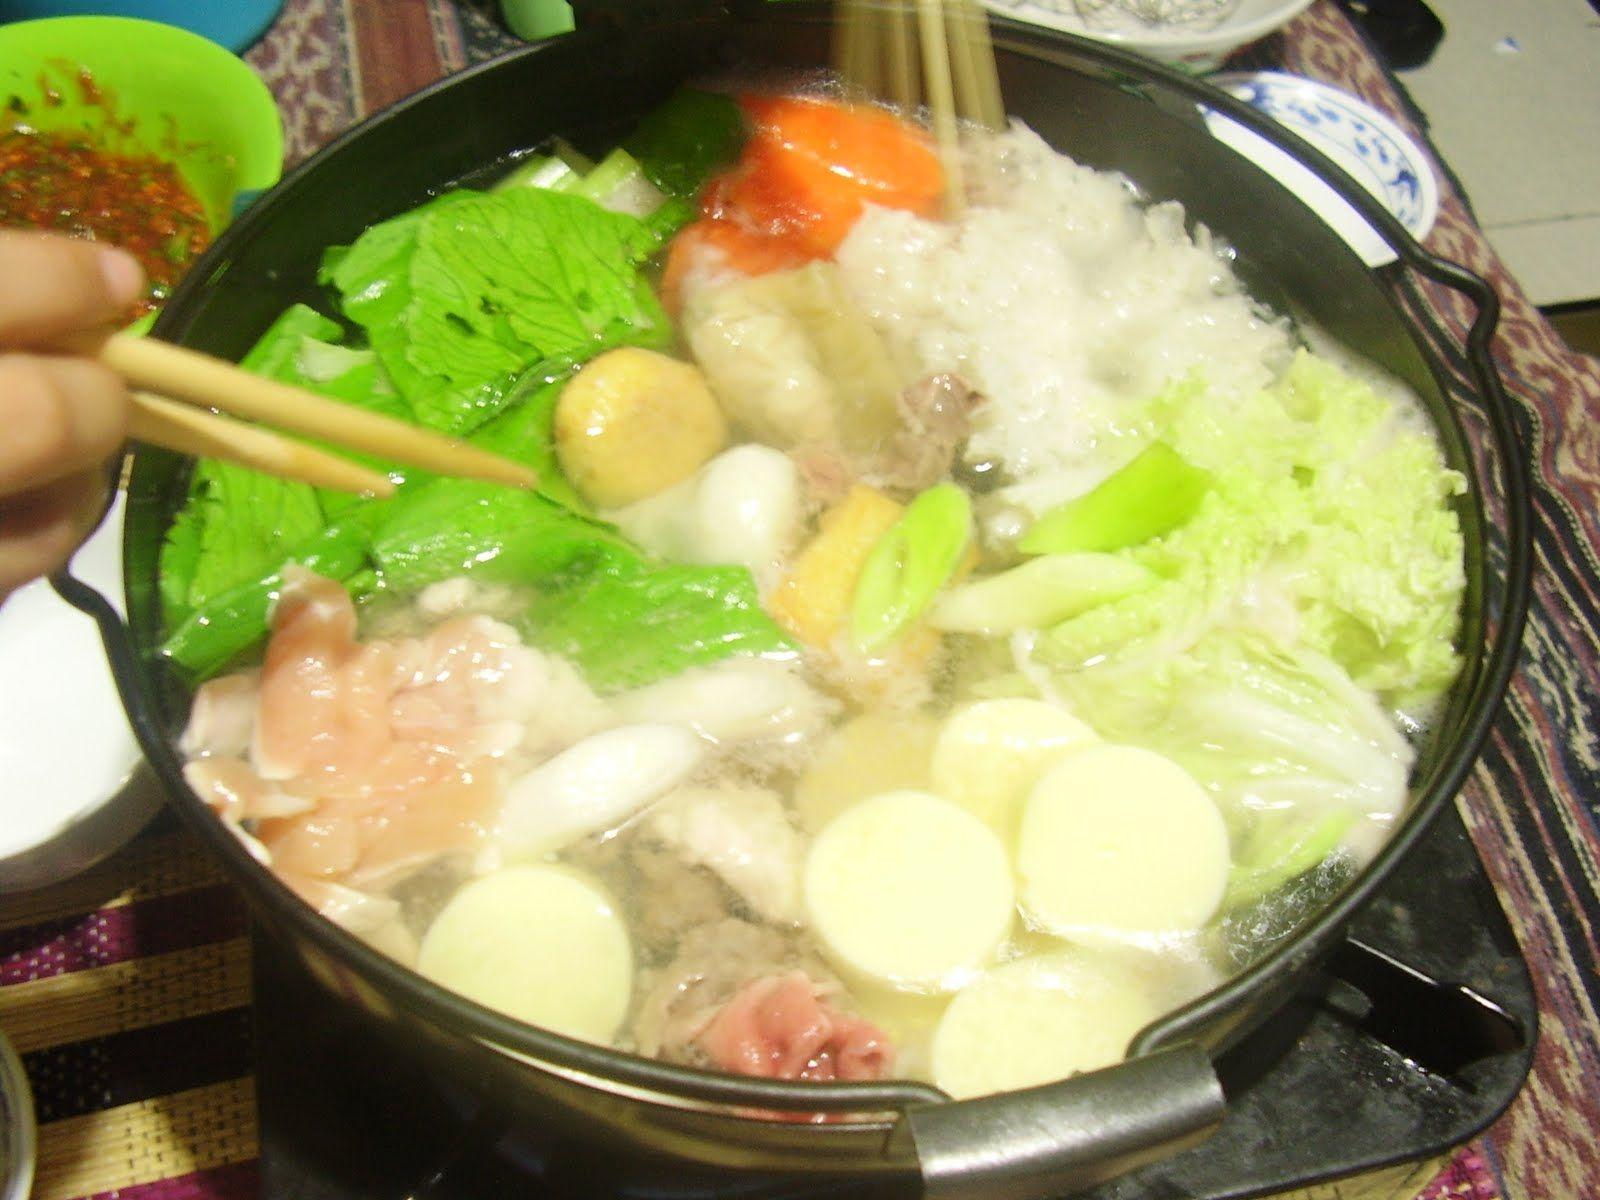 Resep Cara Membuat Kuah Shabu Shabu Yang Lezat Dan Nikmat Shabu Shabu Merupakan Salah Satu Masakan Jepang Yang Sangat Enak Dan Nikm Shabu Shabu Makanan Resep